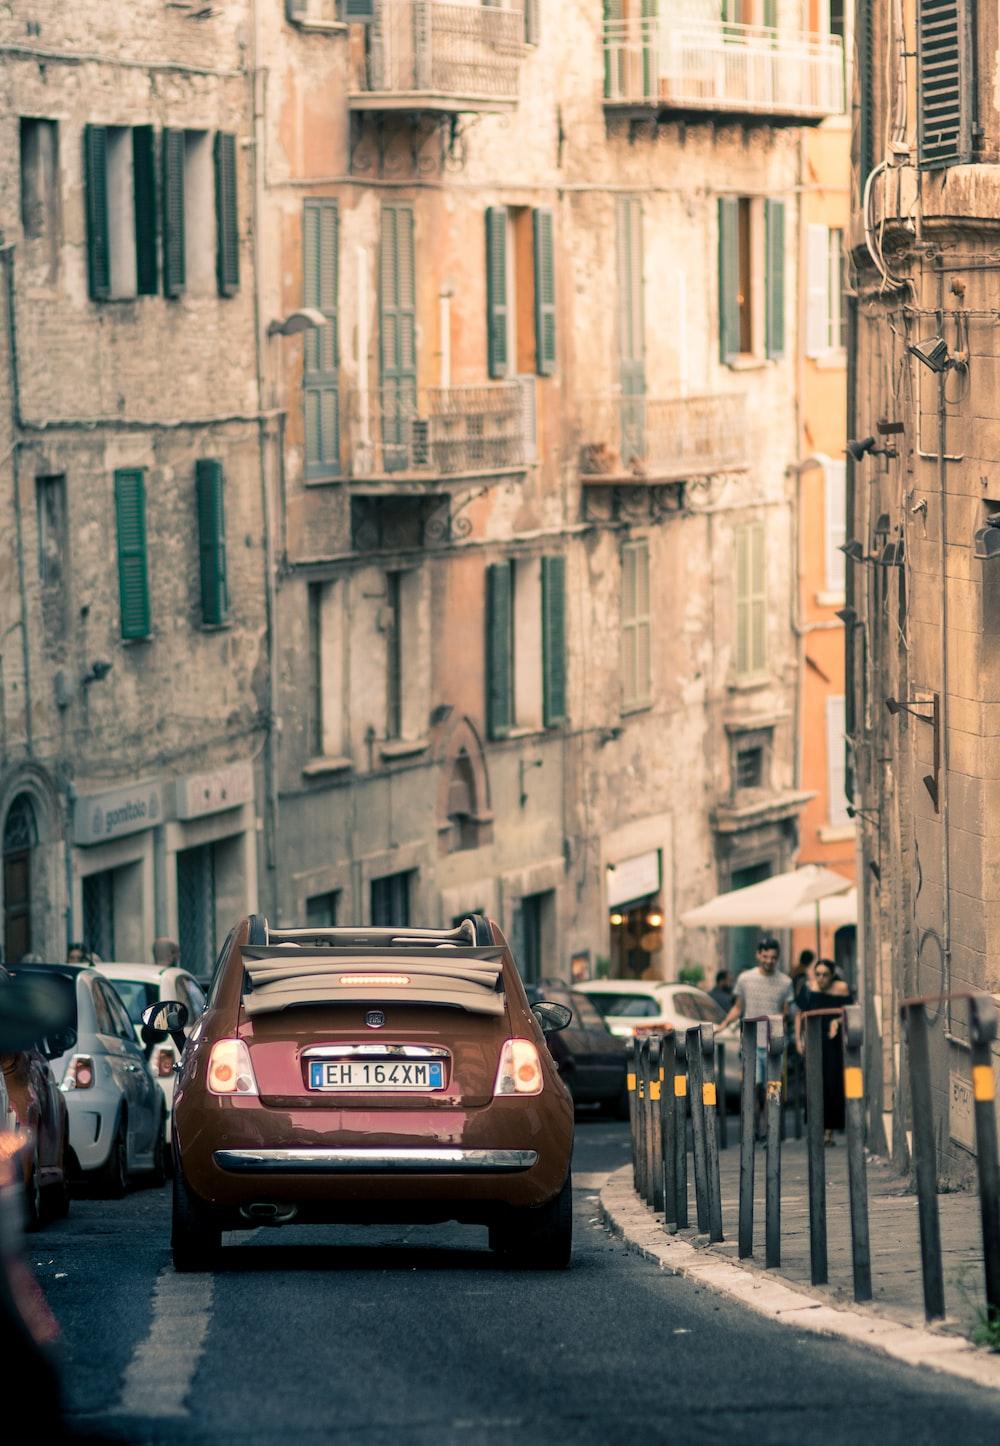 brown car on road